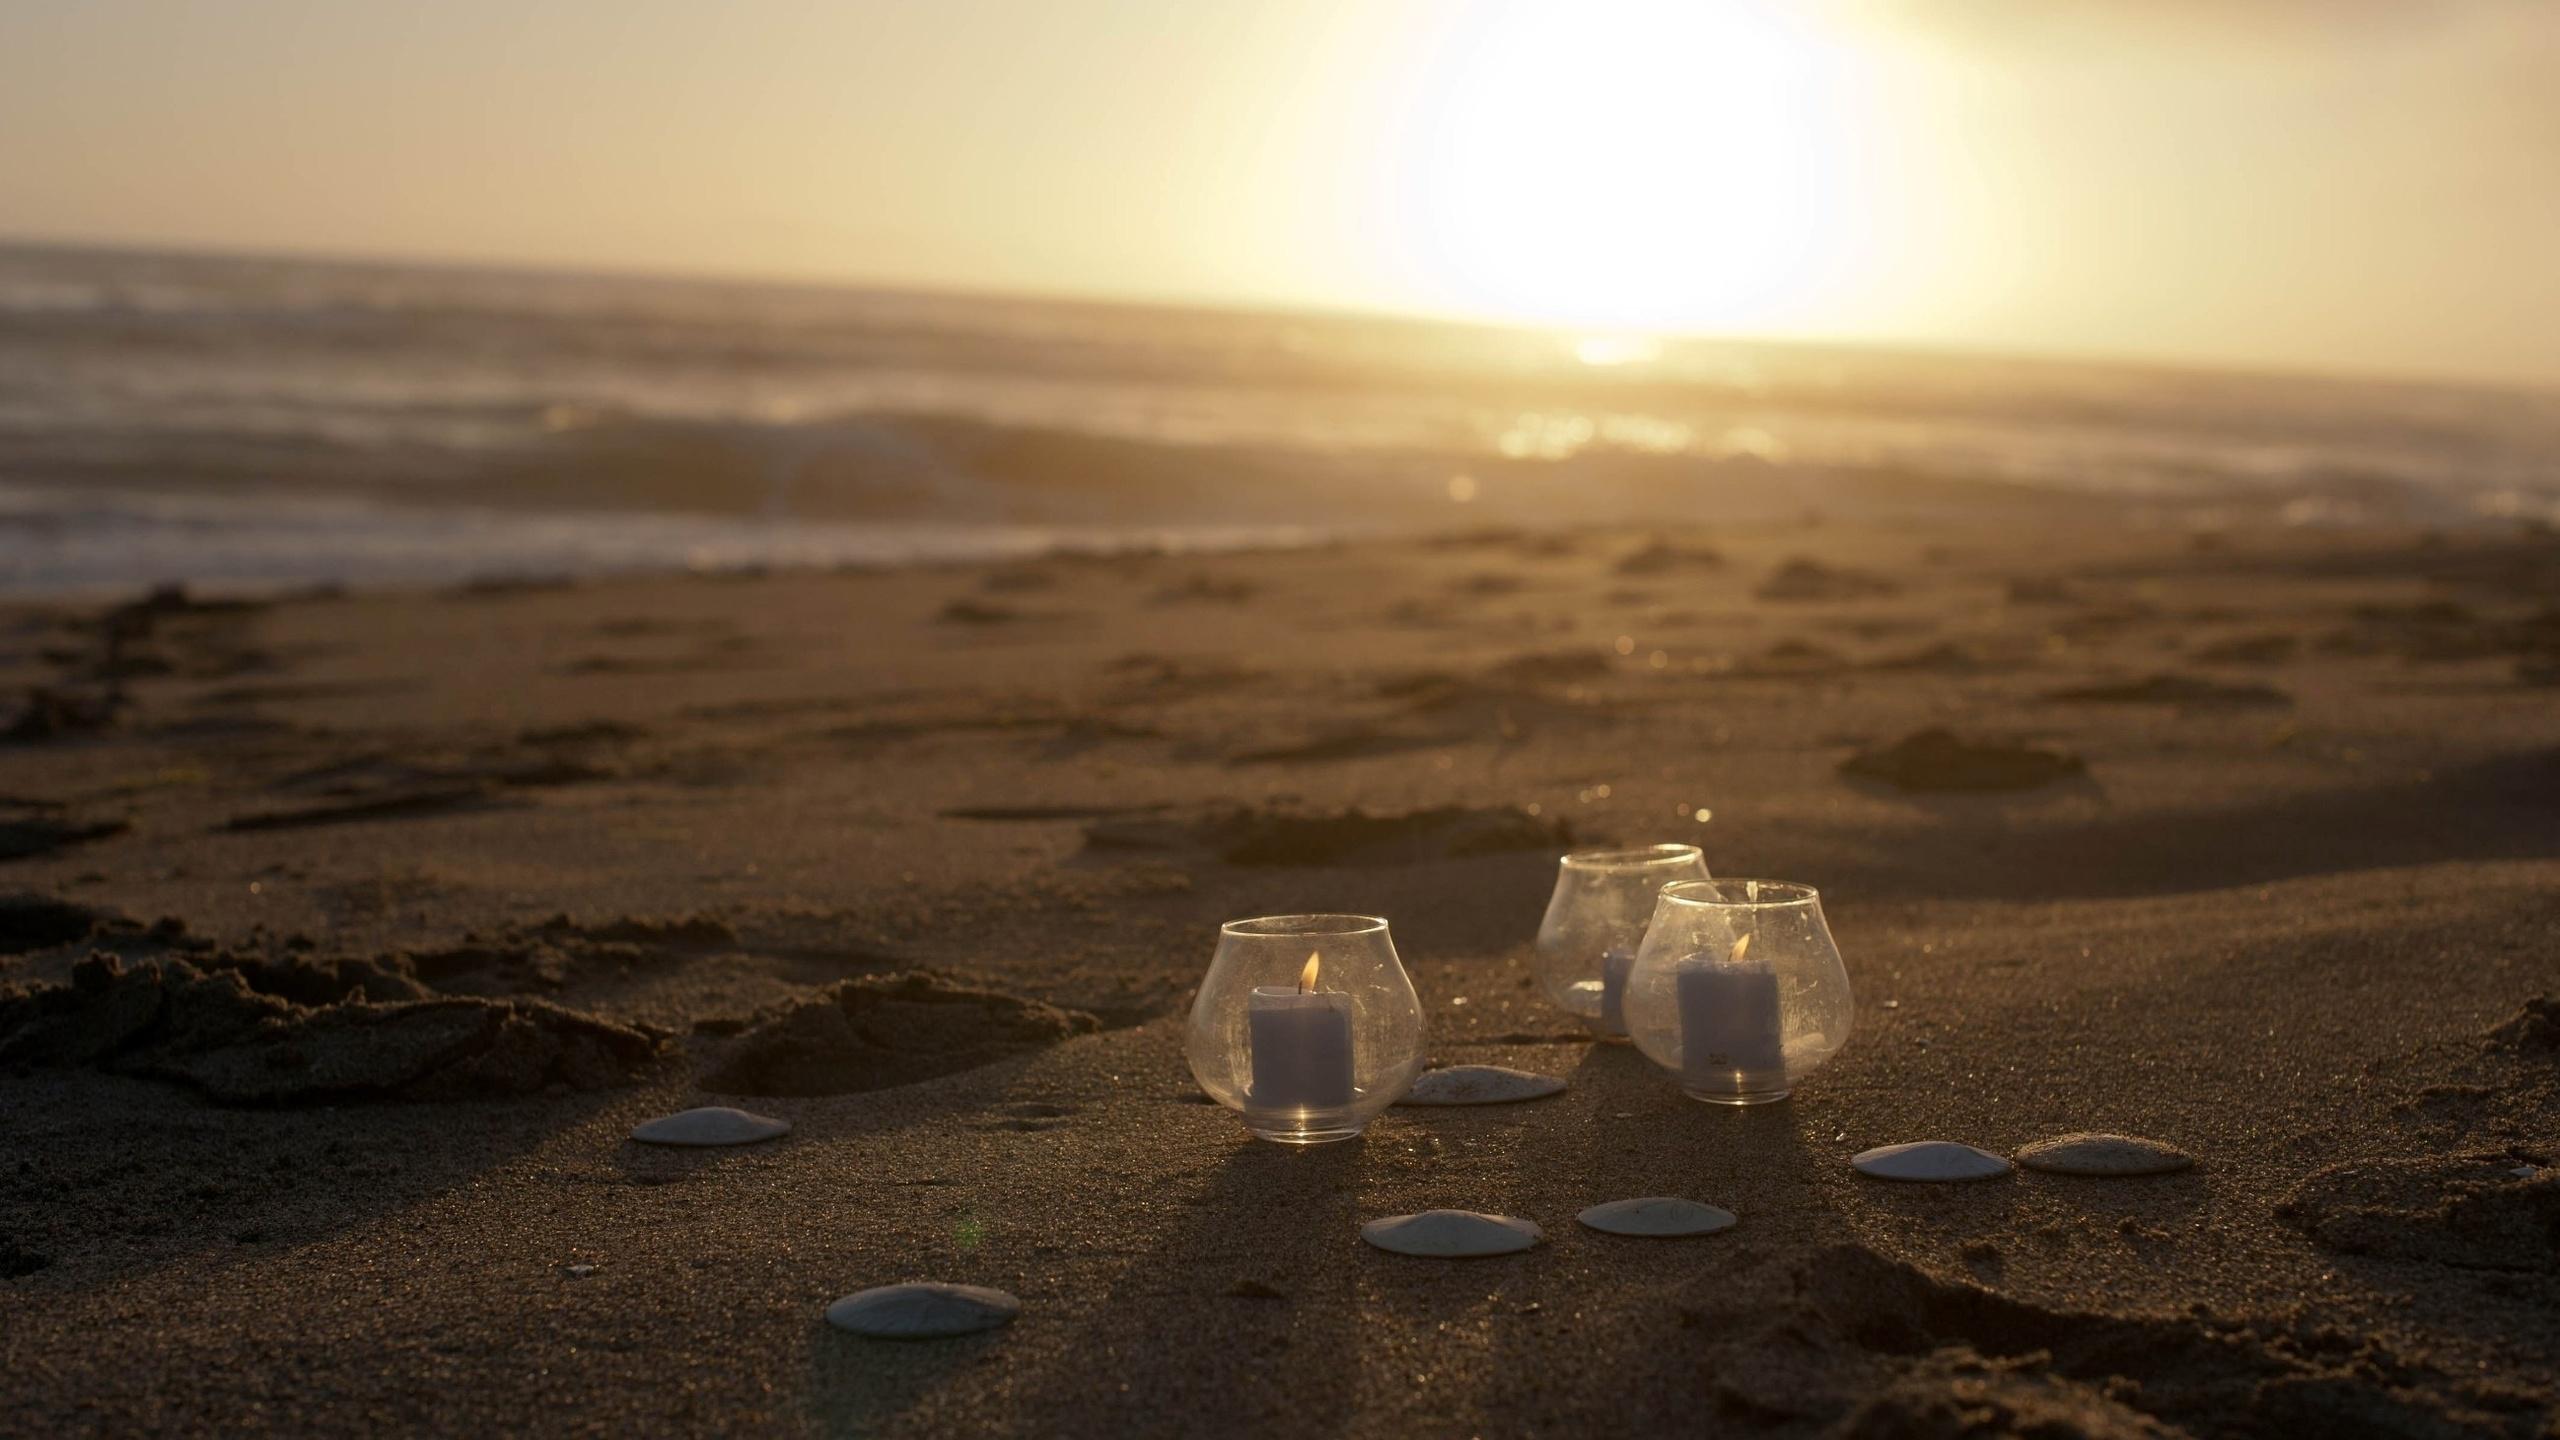 доброе утро картинки из песка попросить еще